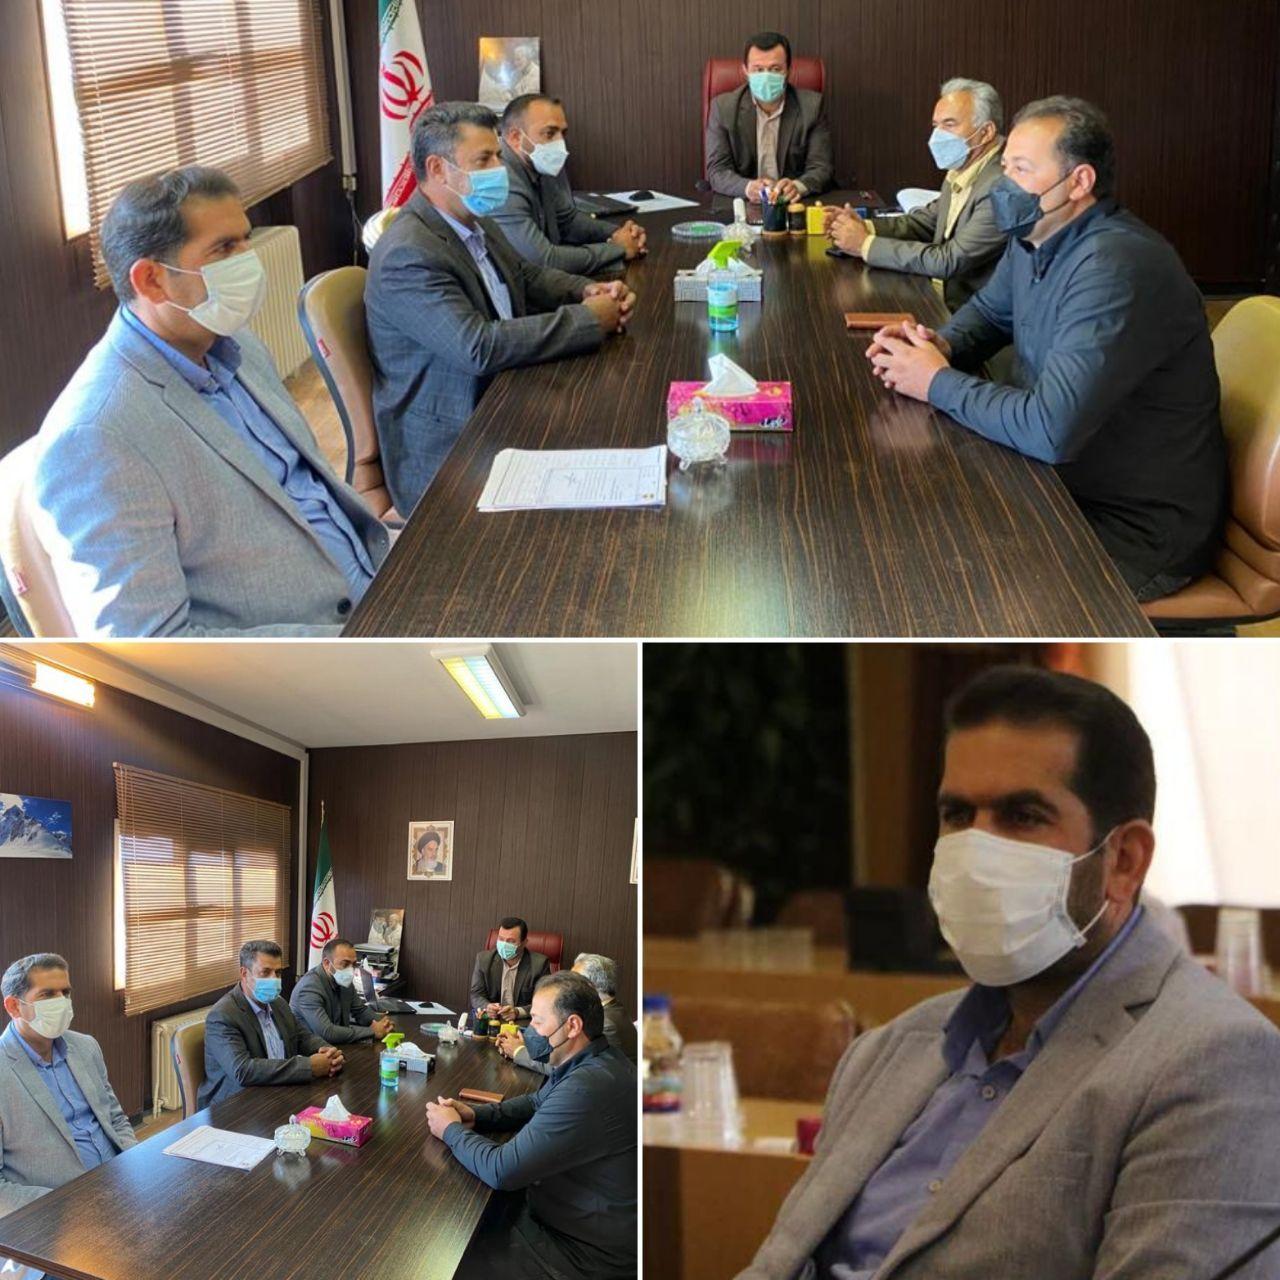 علی مجاوری به عنوان رئیس شورای بخش مرکزی دماوند انتخاب شد